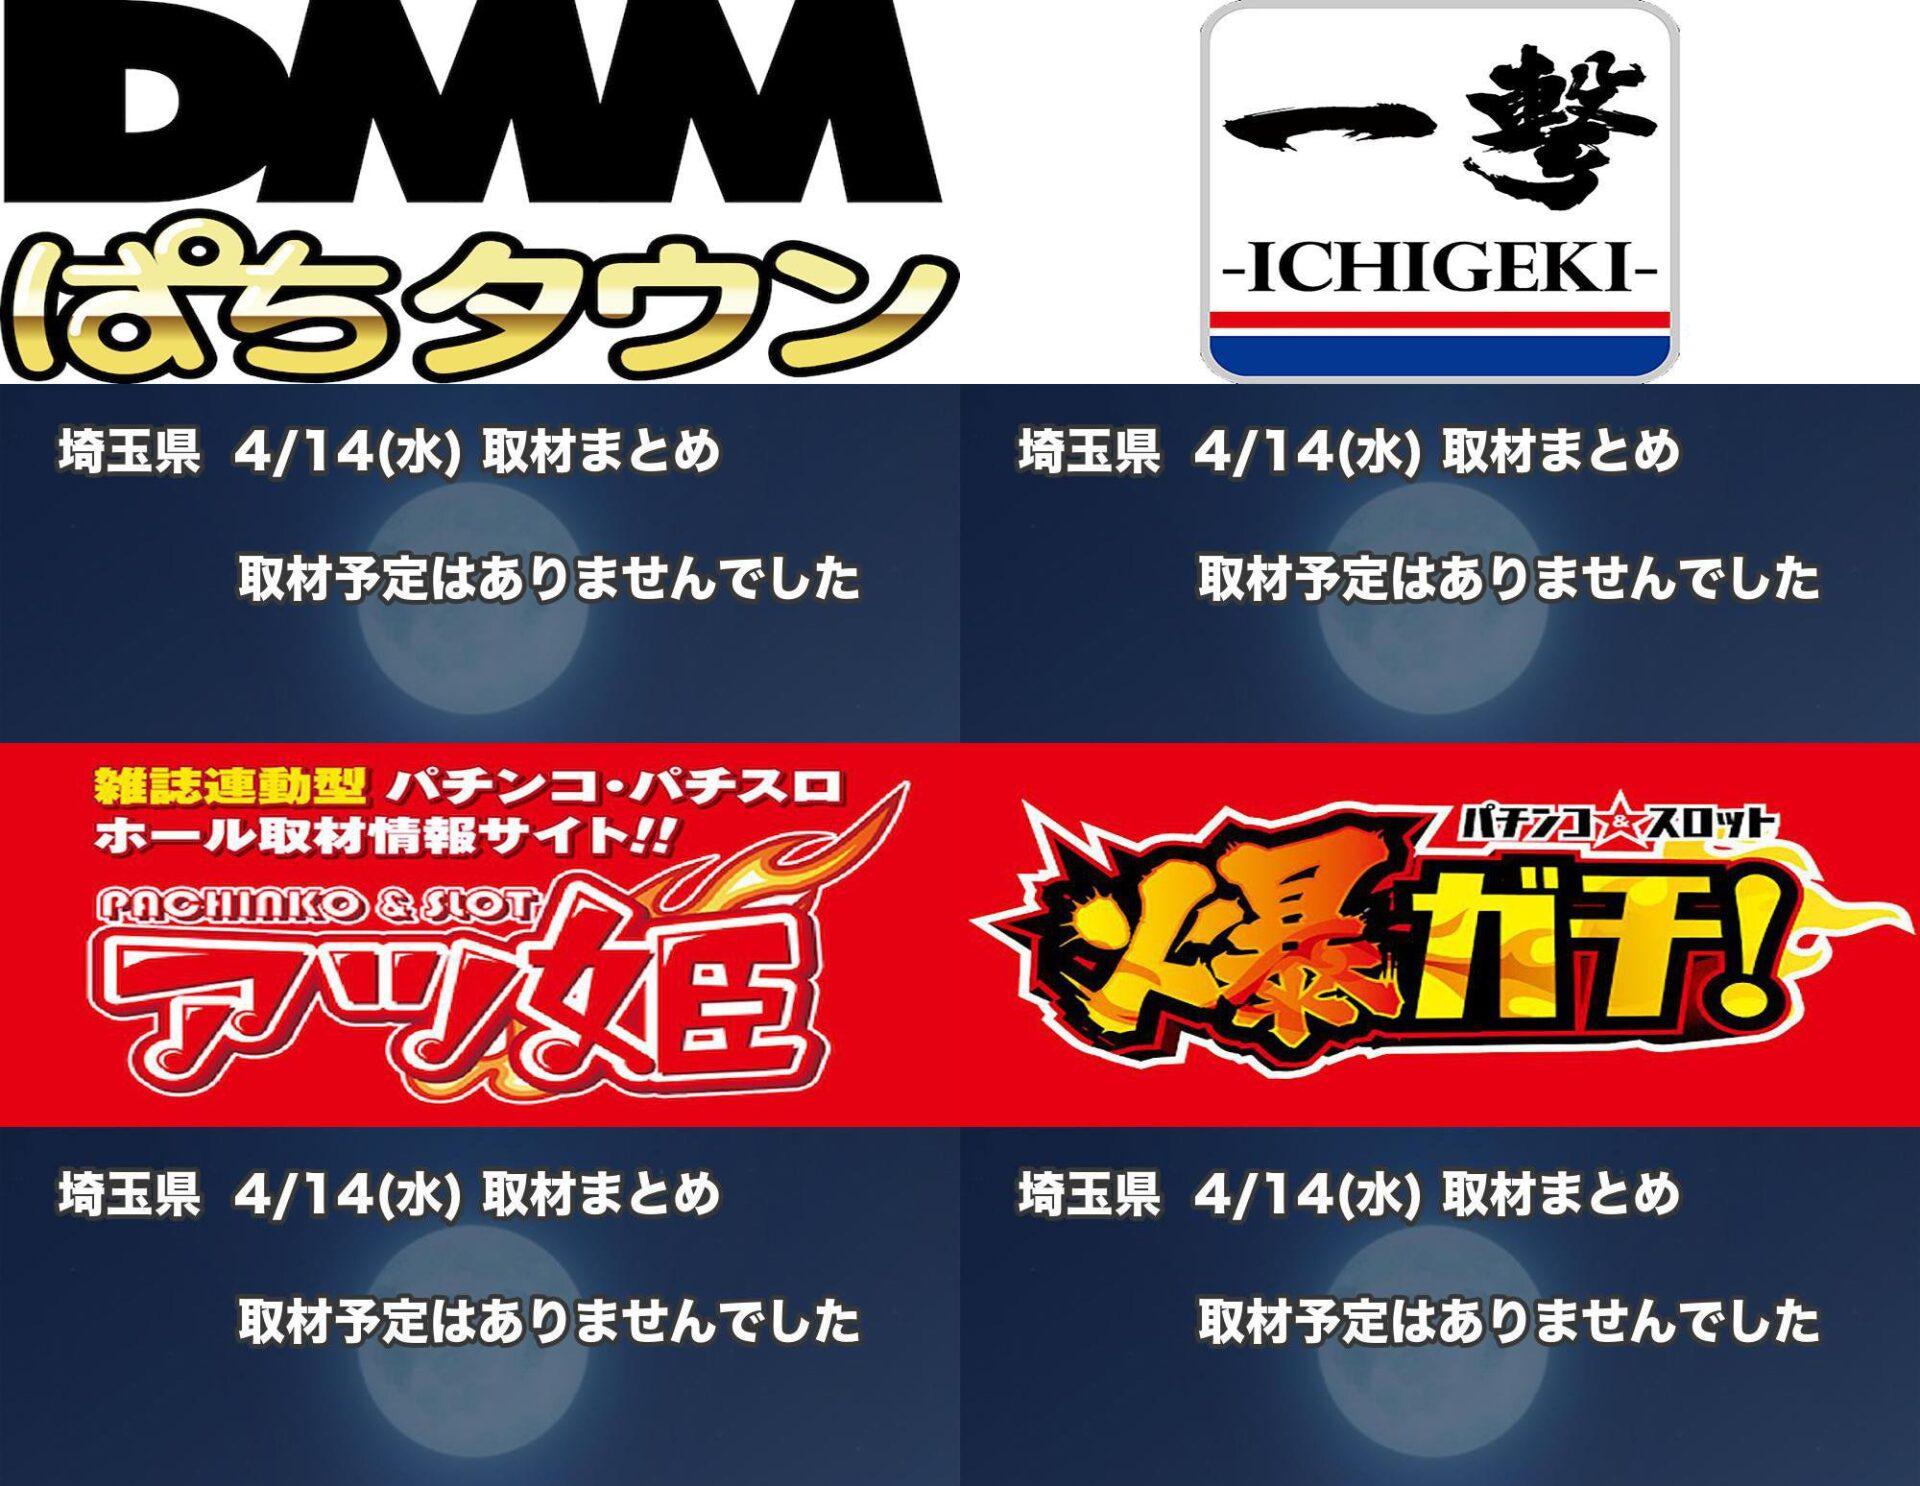 埼玉県_2021-04-14_パチンコ・パチスロ